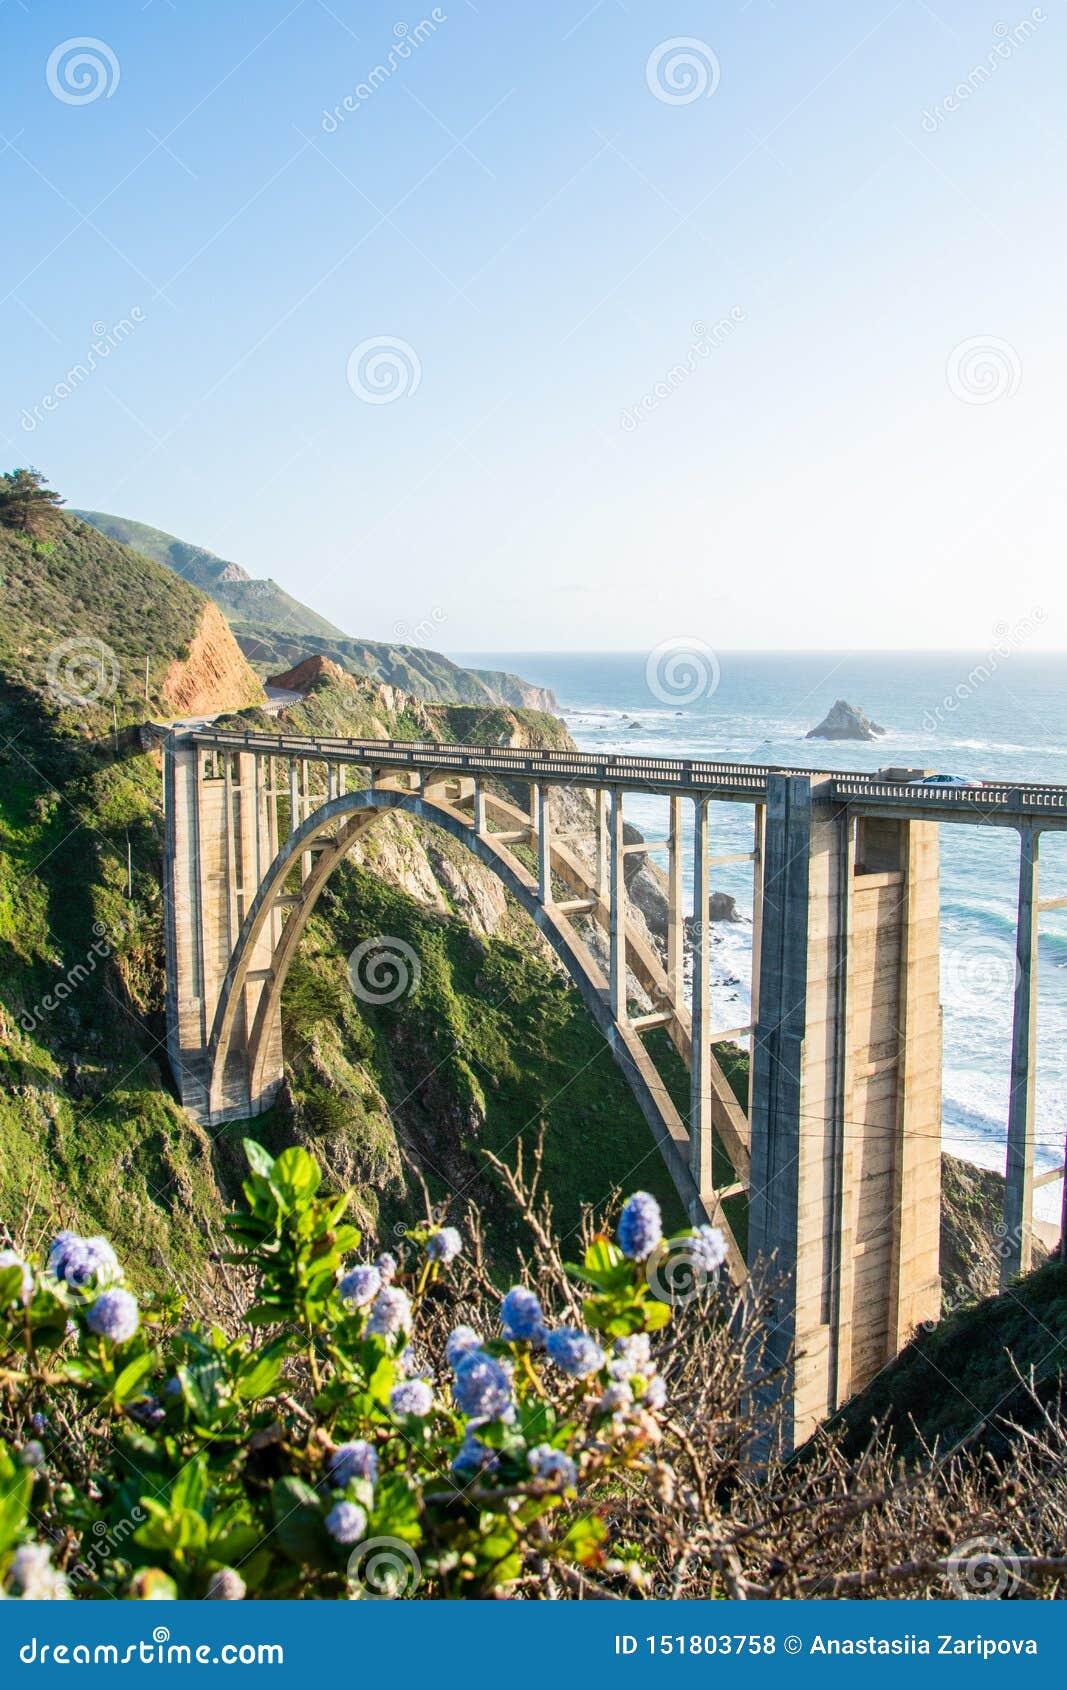 Ανοικτός-spandrel-ανοιγμένη γέφυρα αψίδων κολπίσκου Bixby γέφυρα σε Καλιφόρνια